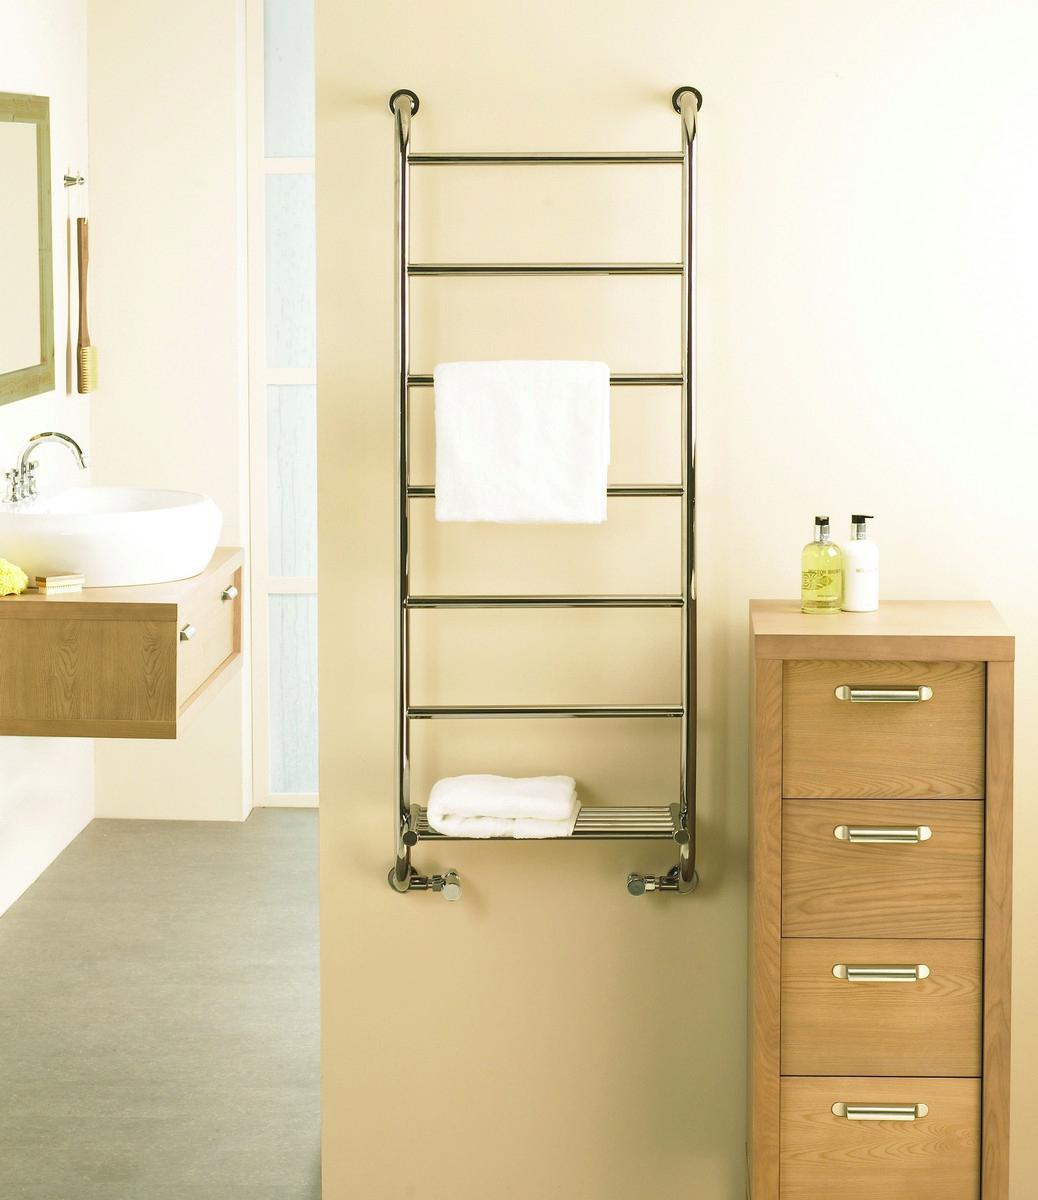 Ieri Mild Steel Vogue UK Towel Warmers Buy online